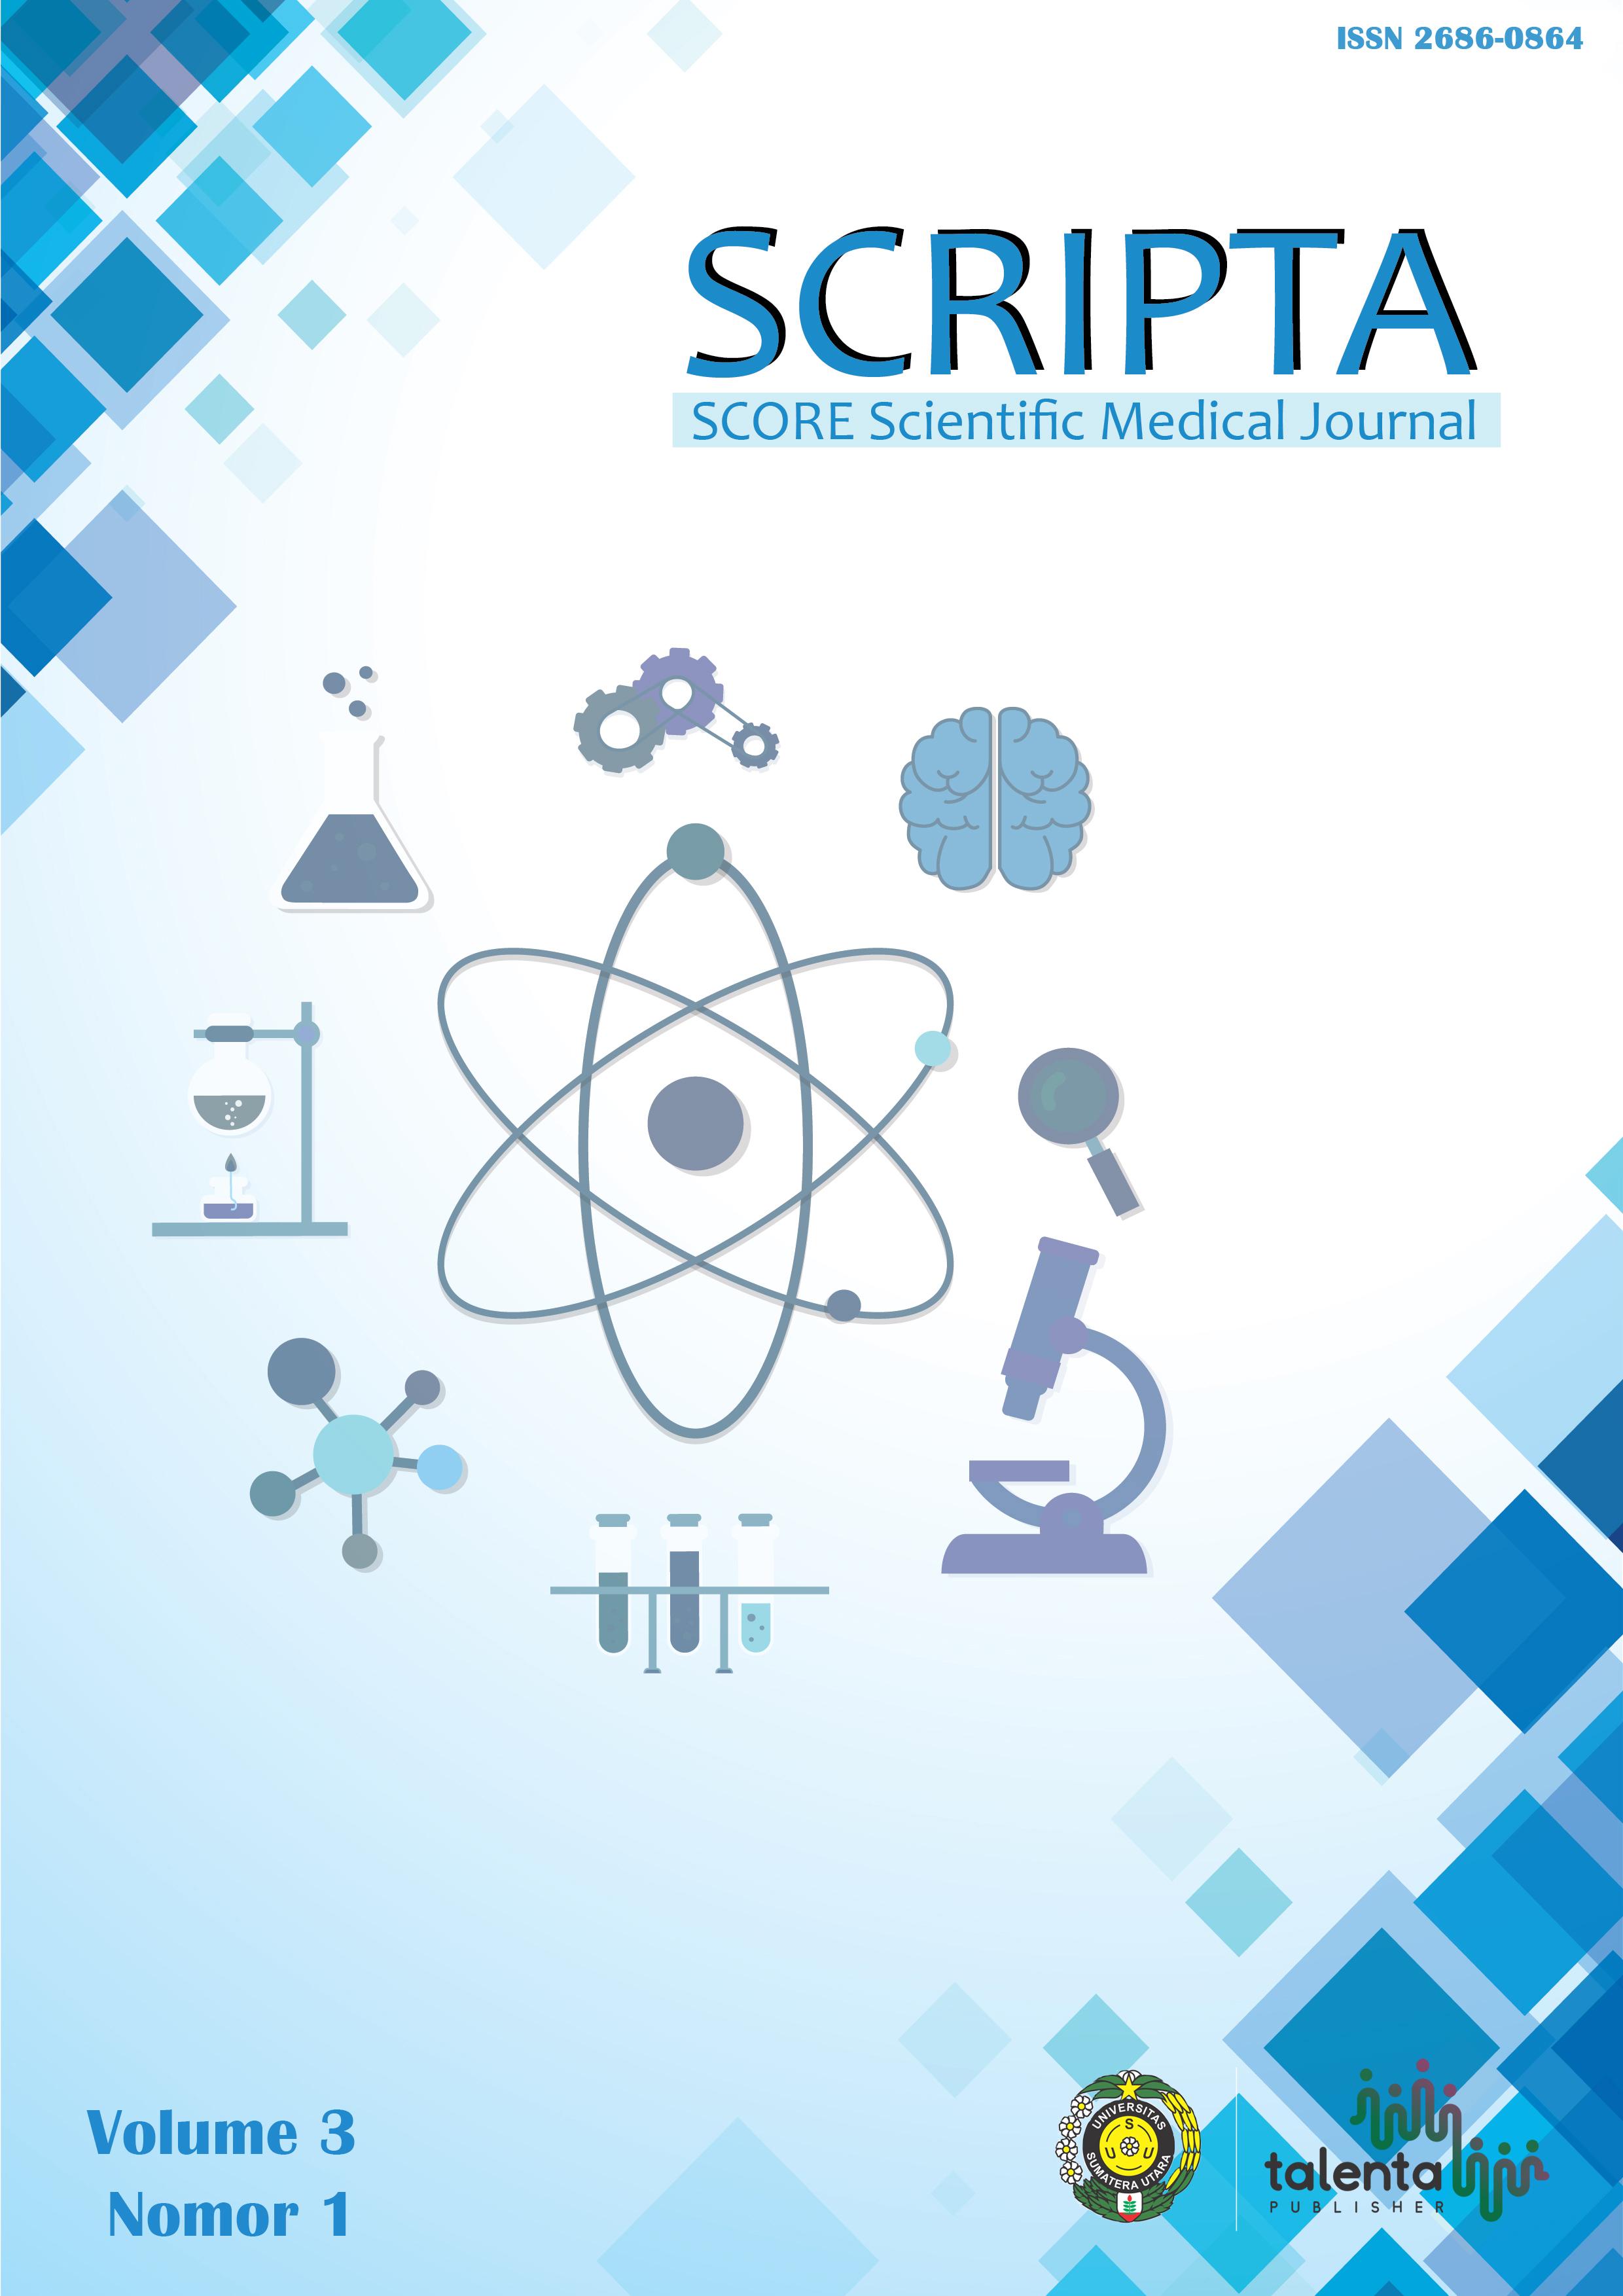 Cover SCRIPTA Vol 3 No 1